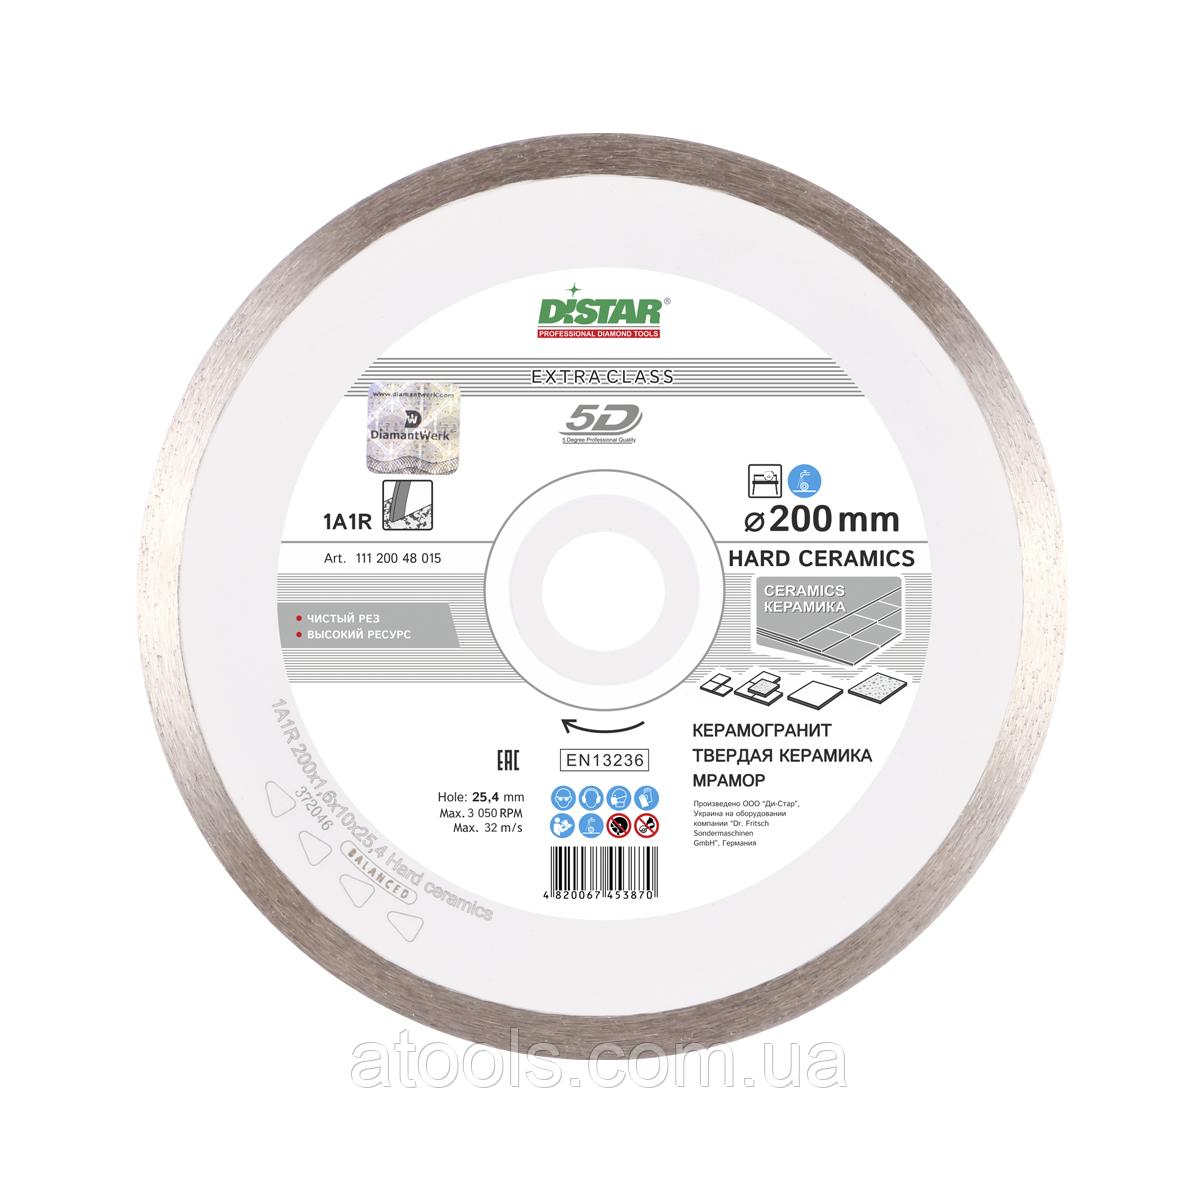 Алмазный отрезной диск Distar Hard ceramics 1A1R 180x1.4/1.0x8.5x25.4 (11120048014)